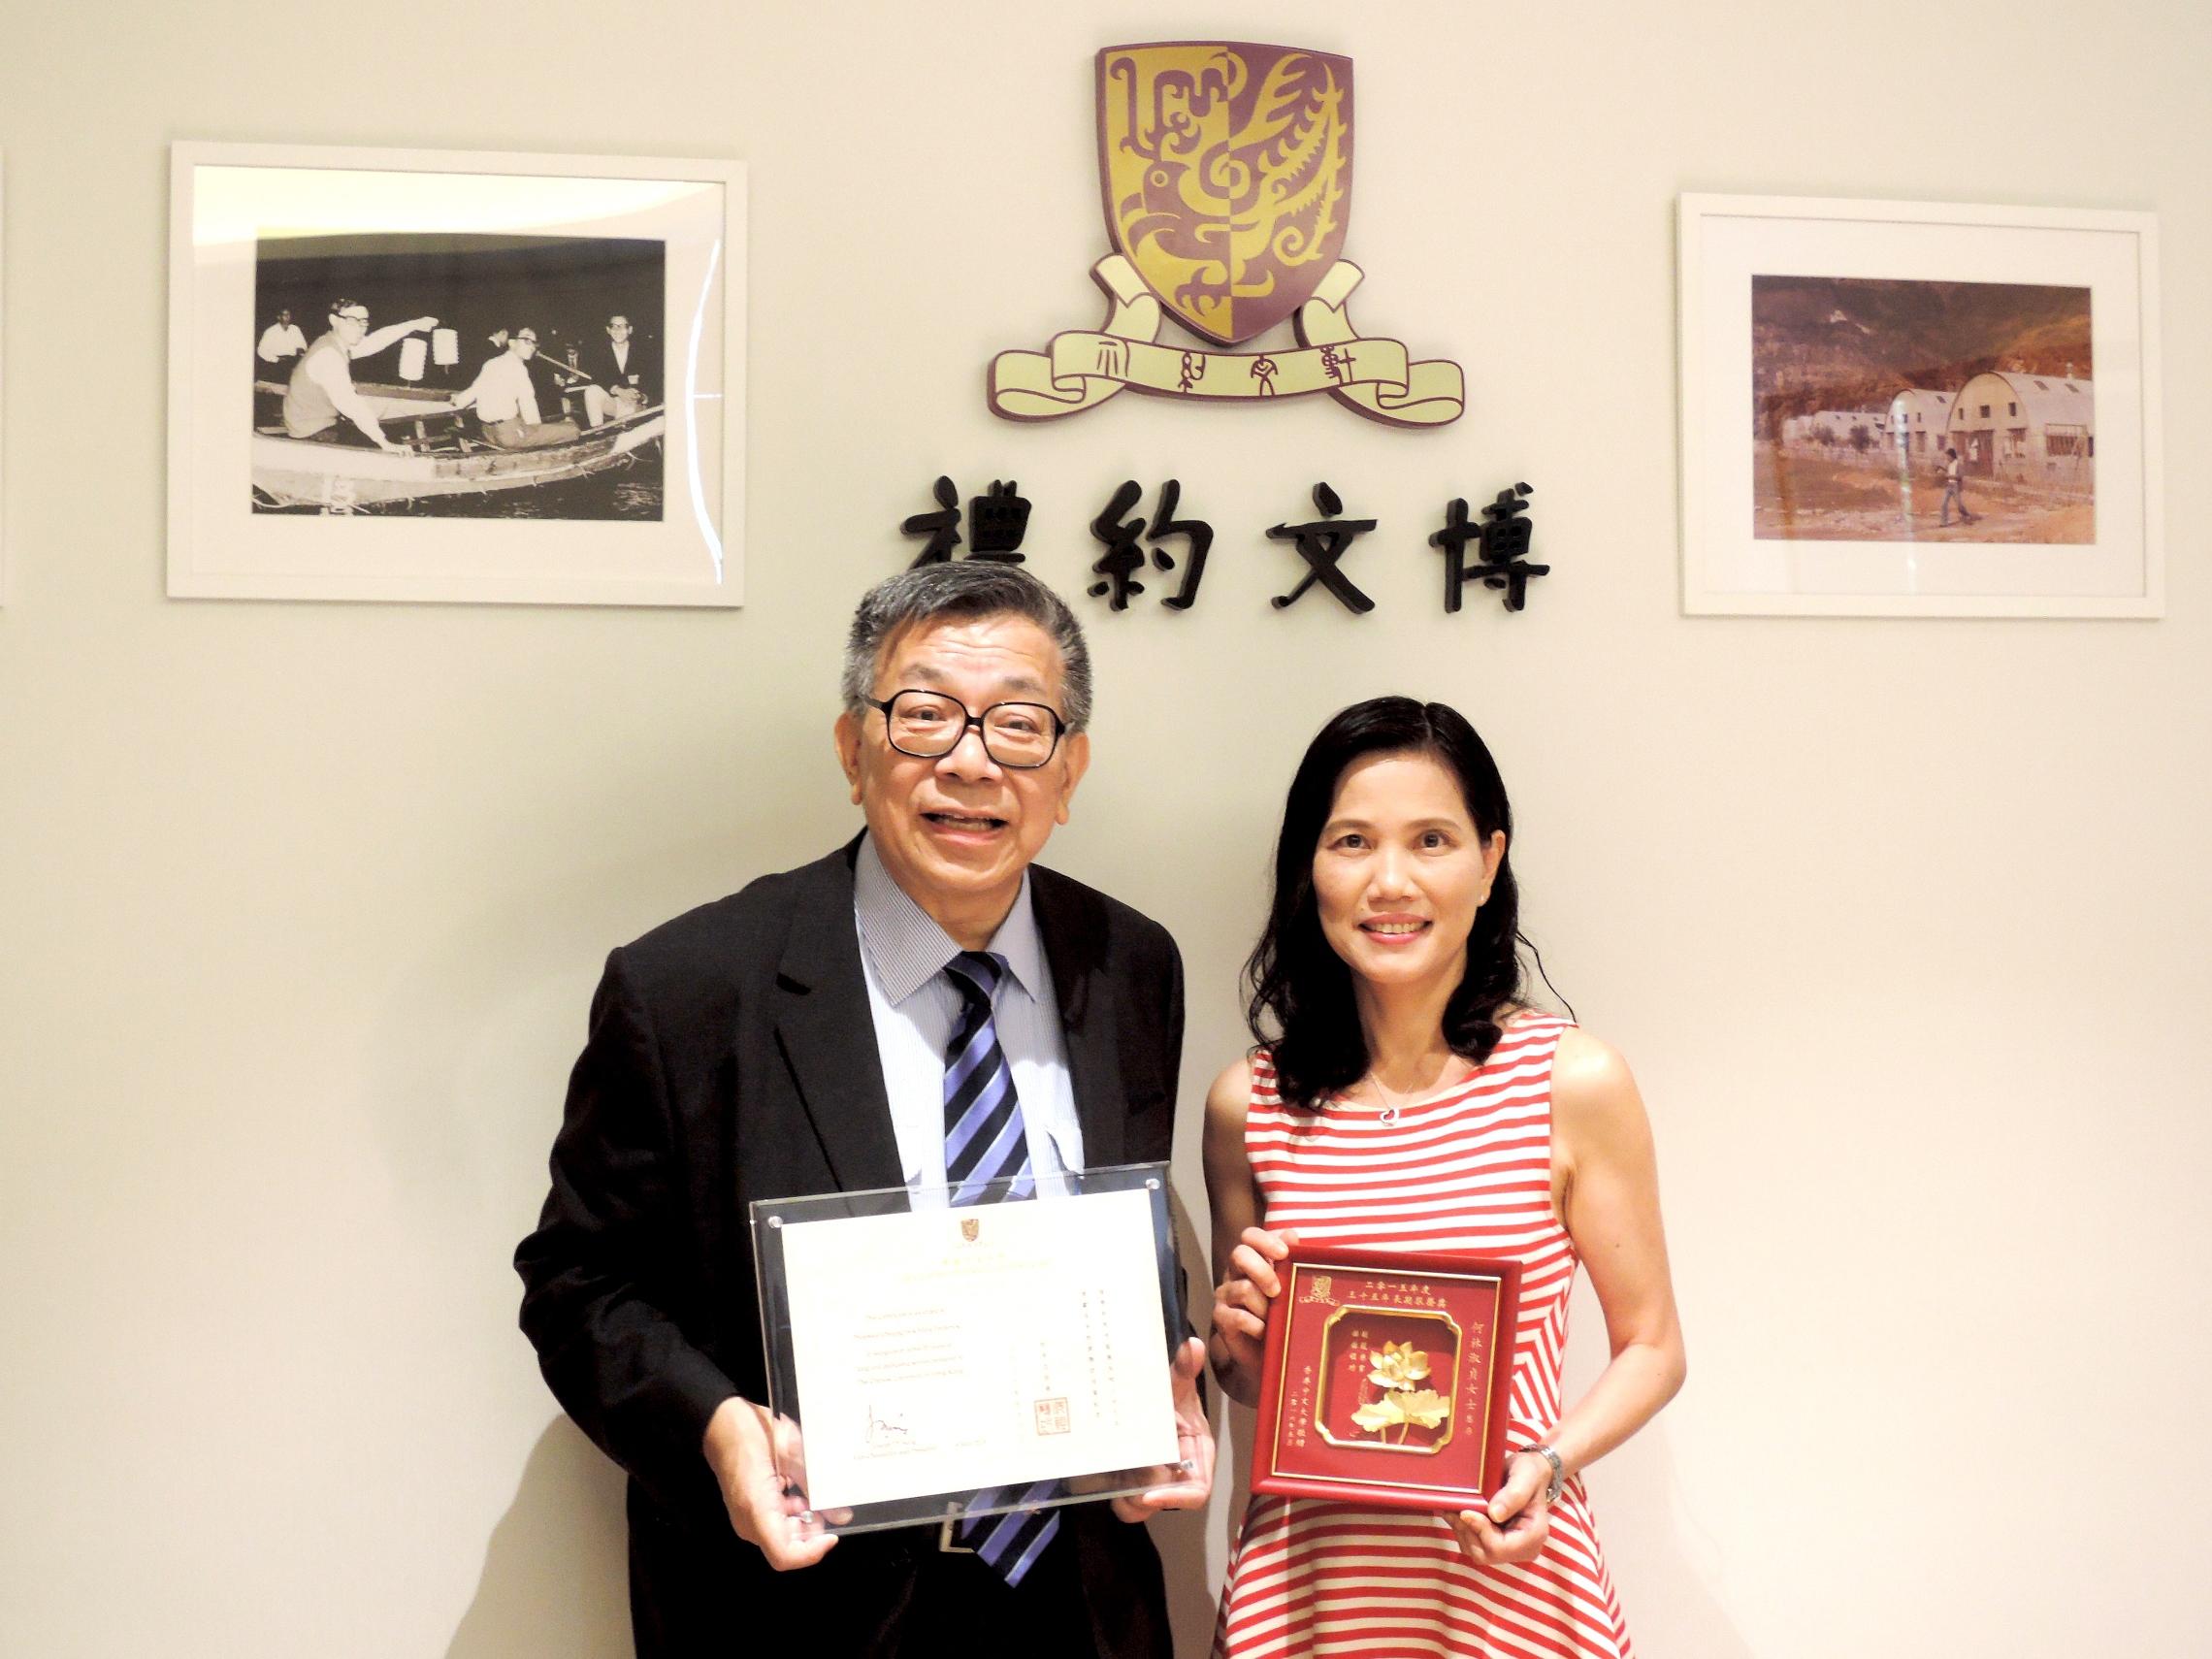 中大2015年度长期服务奖得奖人林淑贞女士(右)和张学明教授。